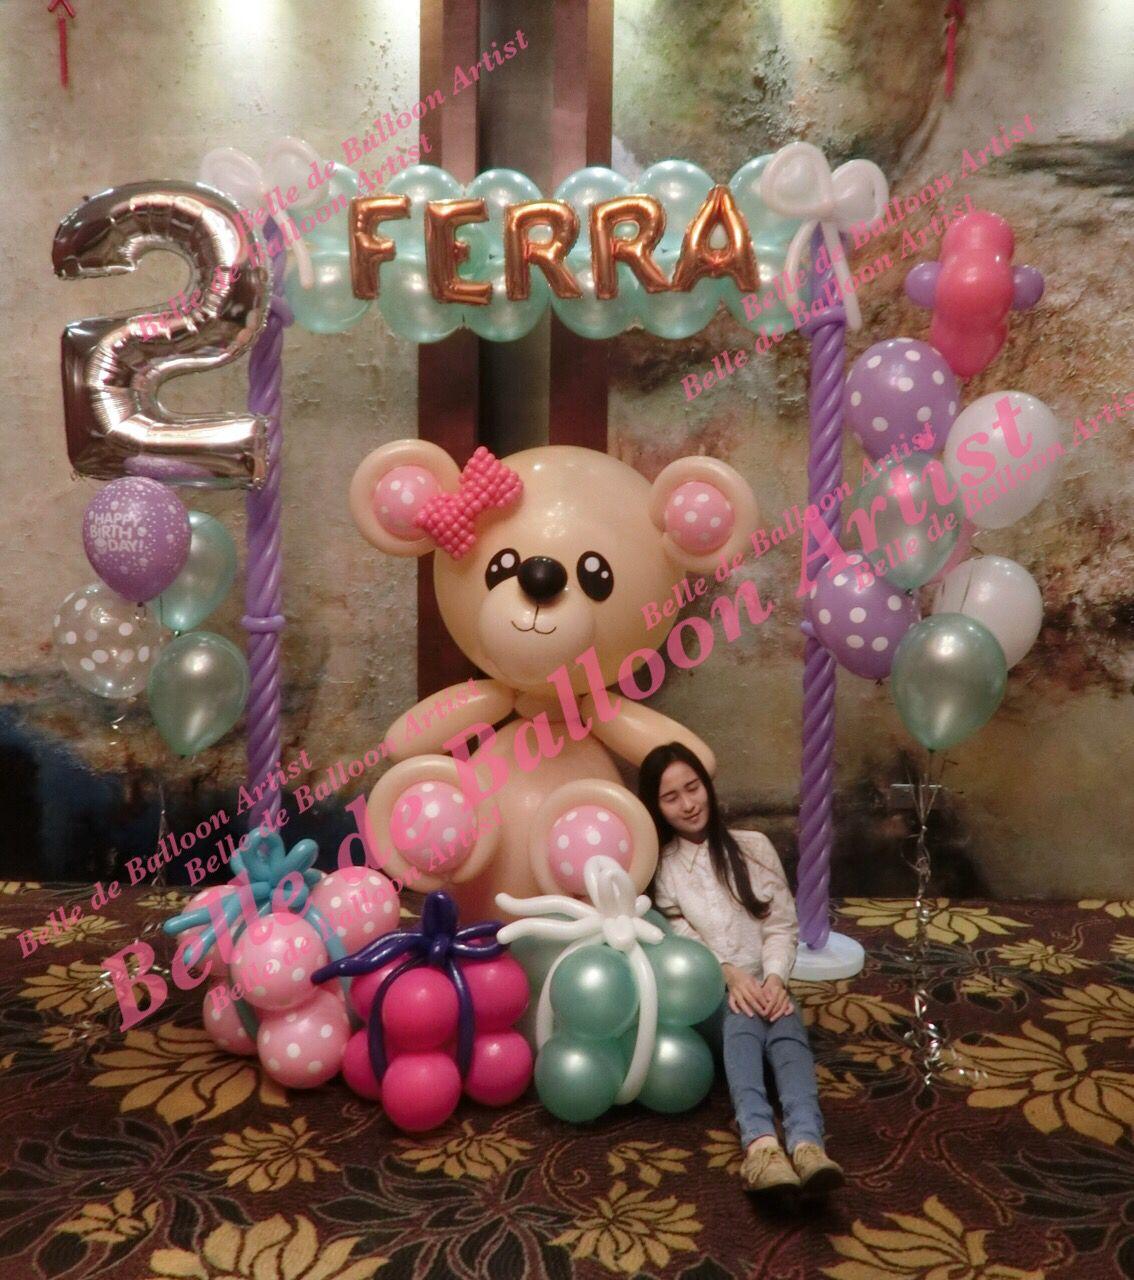 Custom made Giant Balloon Teddy Bear by Balloon Artist KellySashimi from Belle de Balloon Artist. Birthday Balloon Decoration in Pavilion, Kuala Lumpur Malaysia